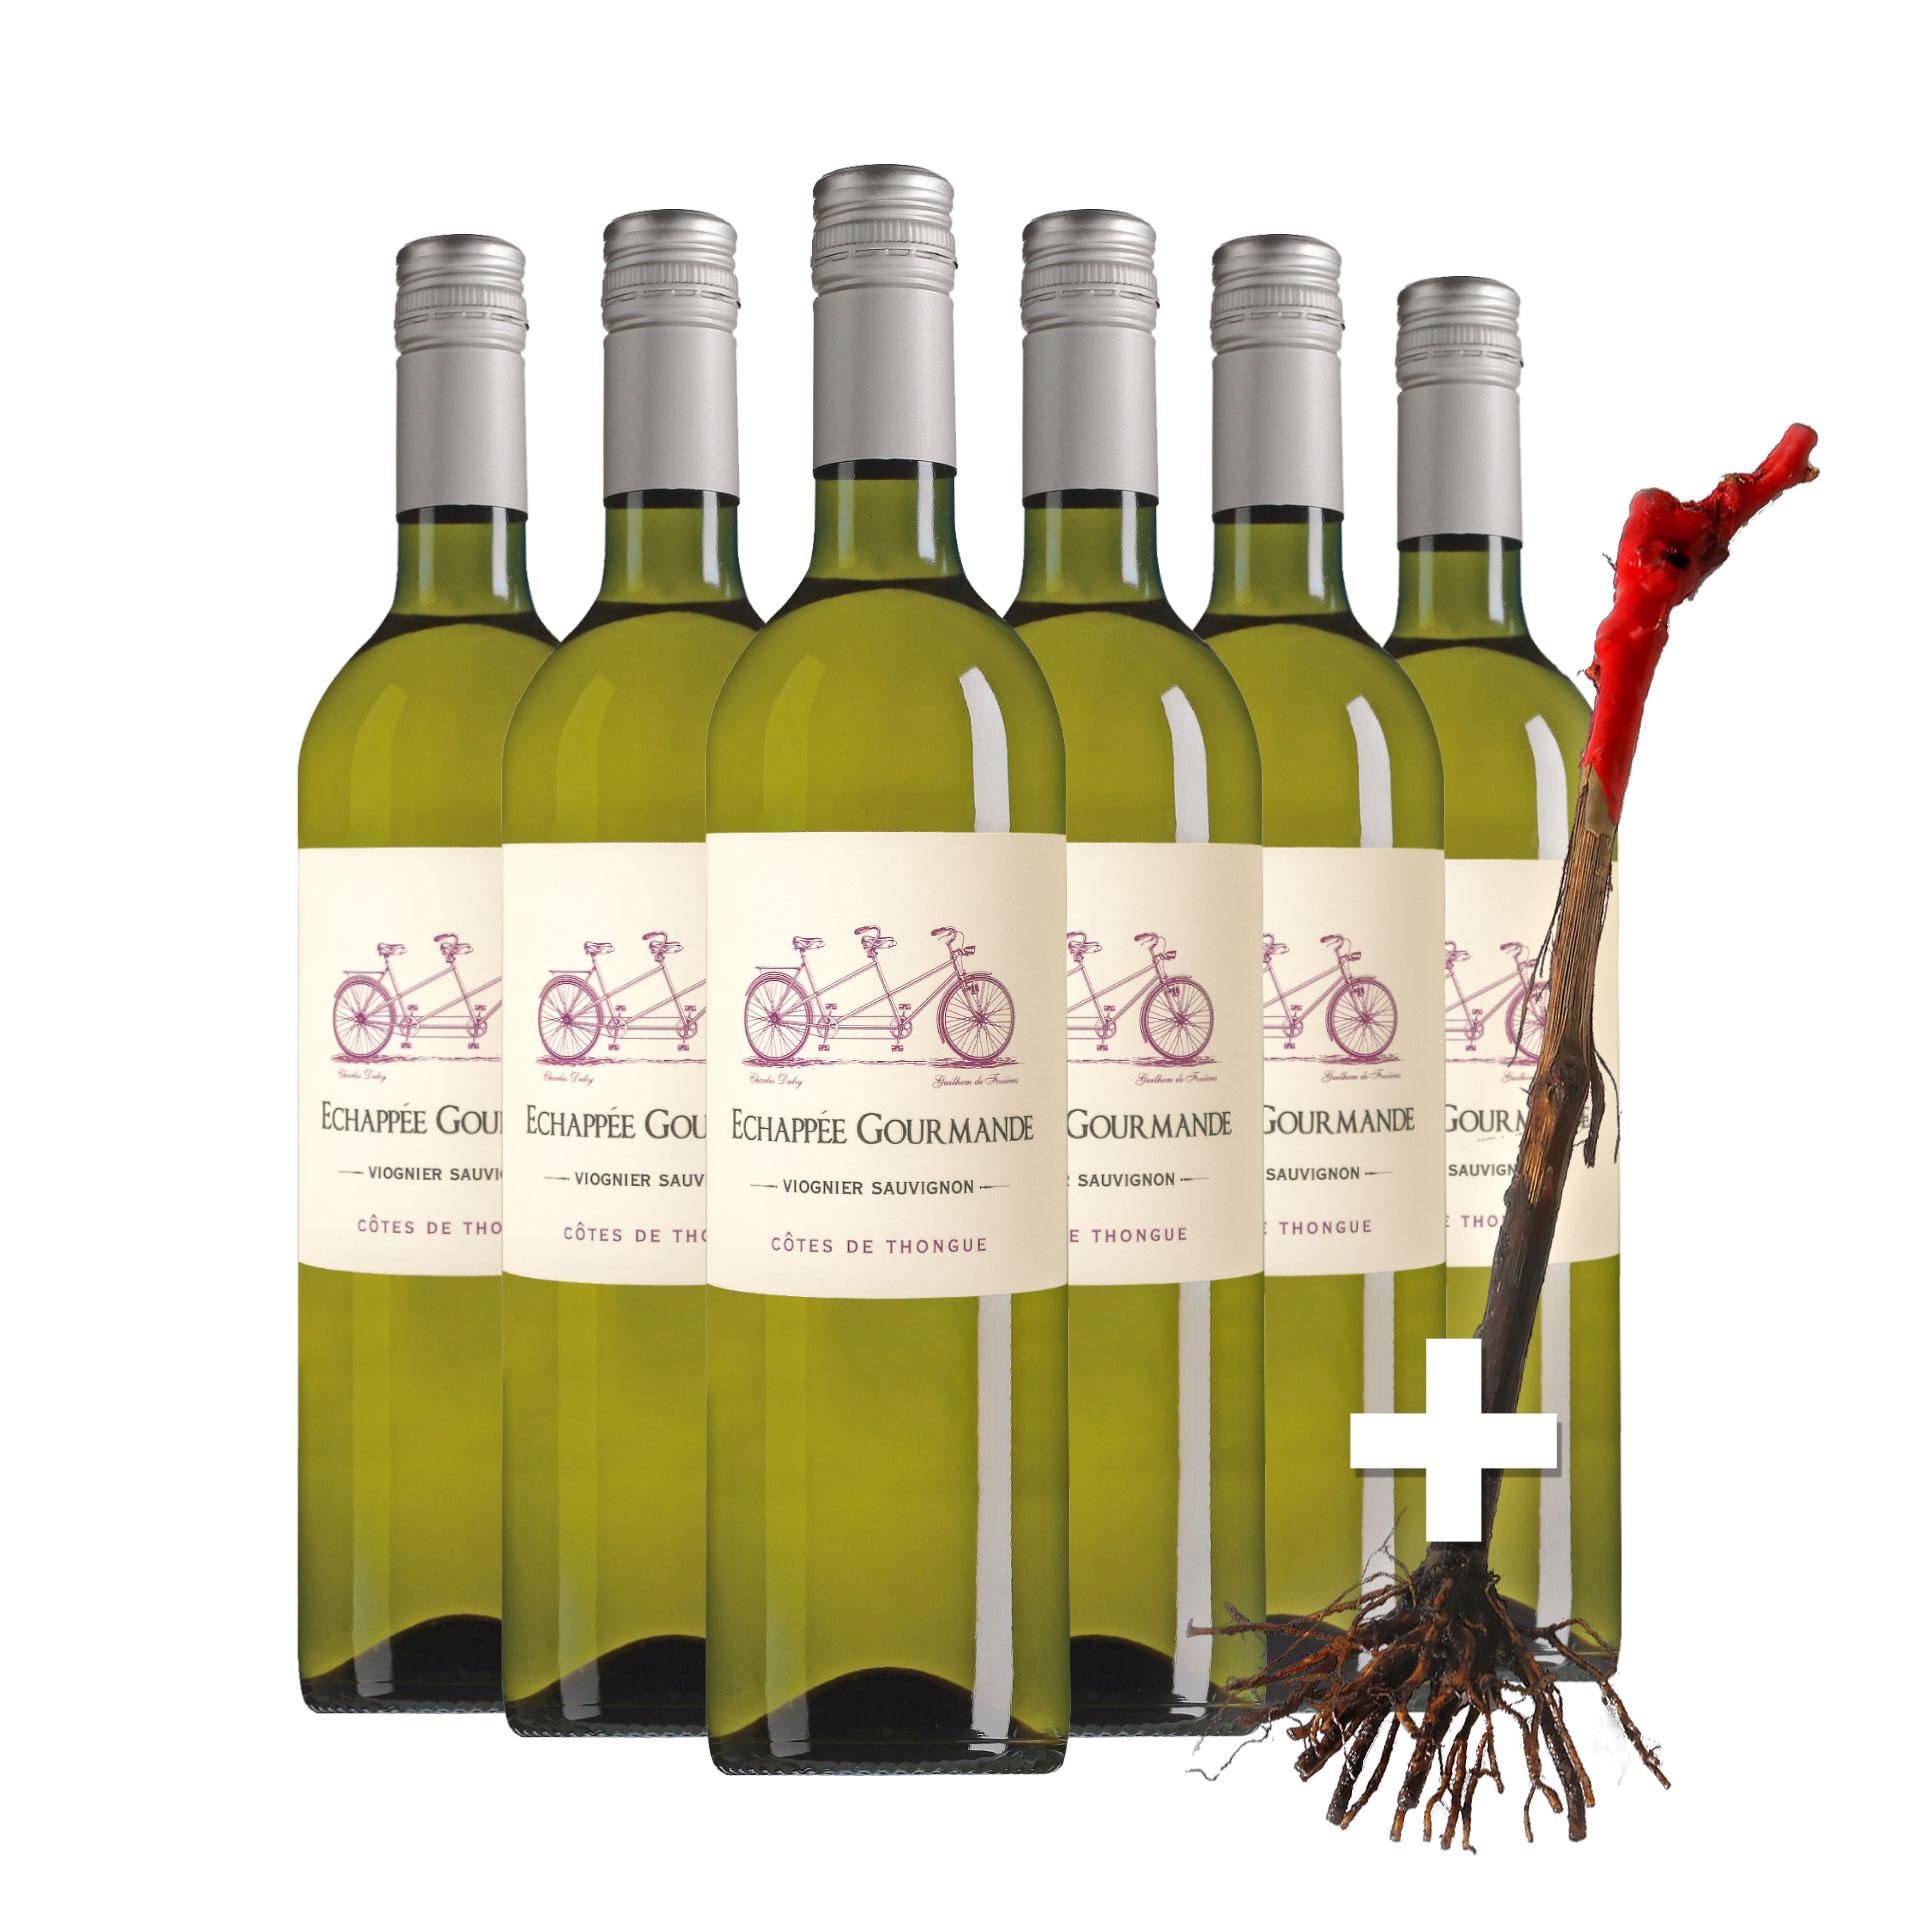 Wijnpakket Échappée Gourmande Viognier Sauvignon mét gratis wijnstok - Wietzes wijn/tuintip